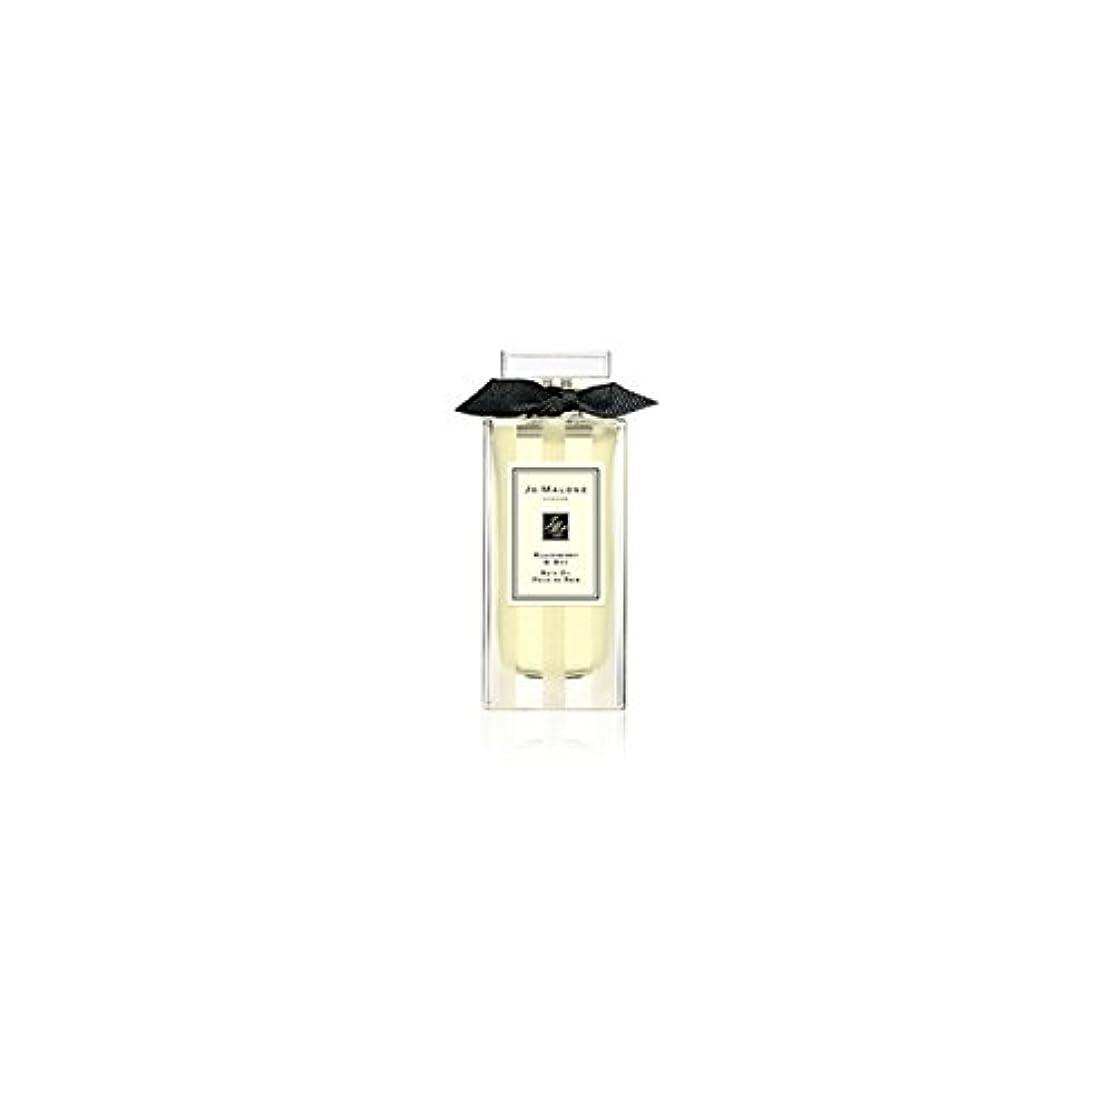 傾向があるキャッシュ粘液Jo Malone Blackberry & Bay Bath Oil - 30ml (Pack of 6) - ジョーマローンブラックベリー&ベイバスオイル - 30ミリリットル (x6) [並行輸入品]